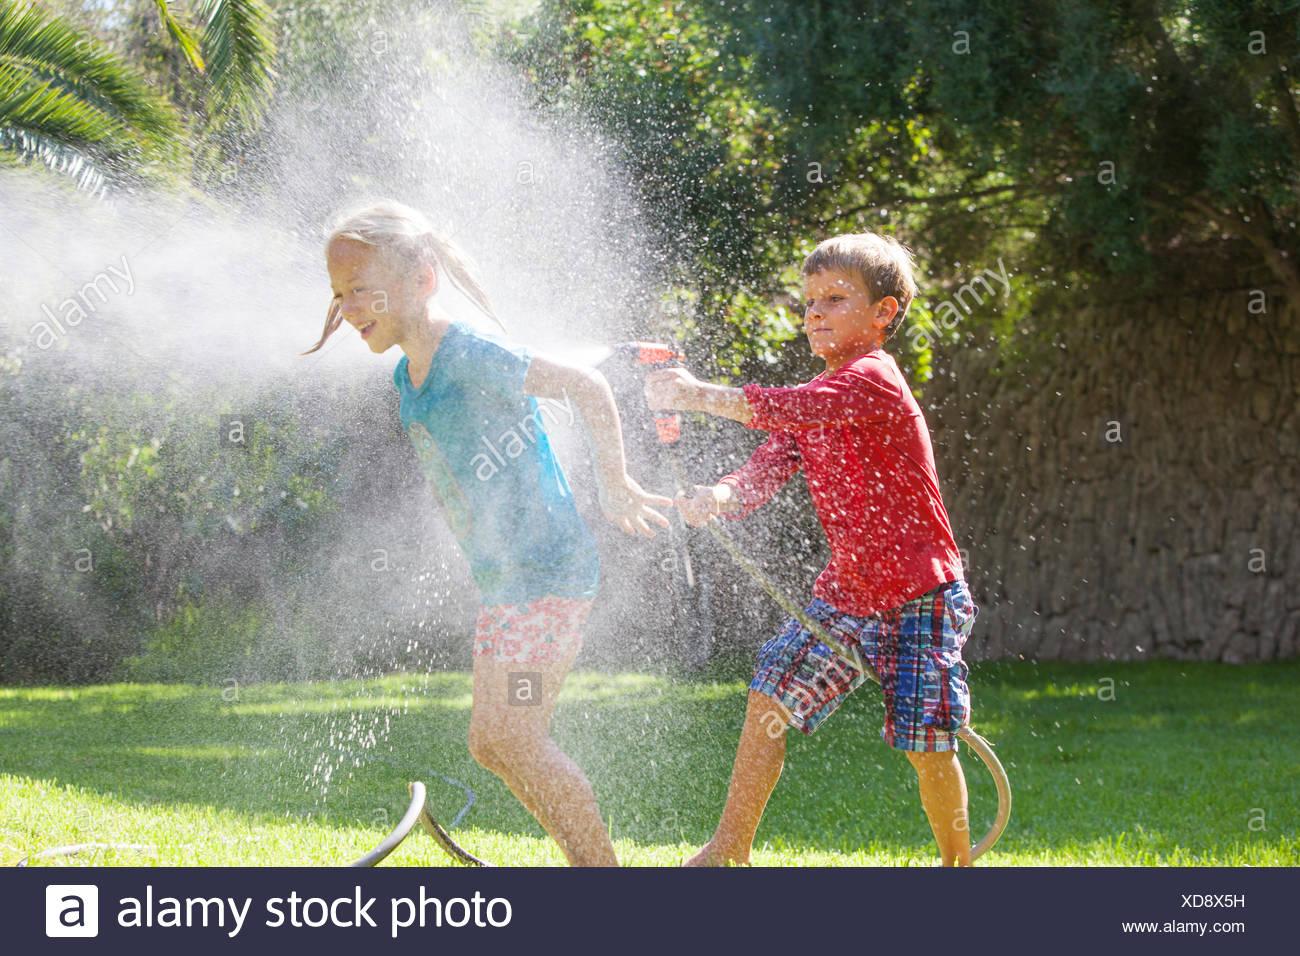 Chico Chica salpicaduras en jardín con rociadores de agua Imagen De Stock